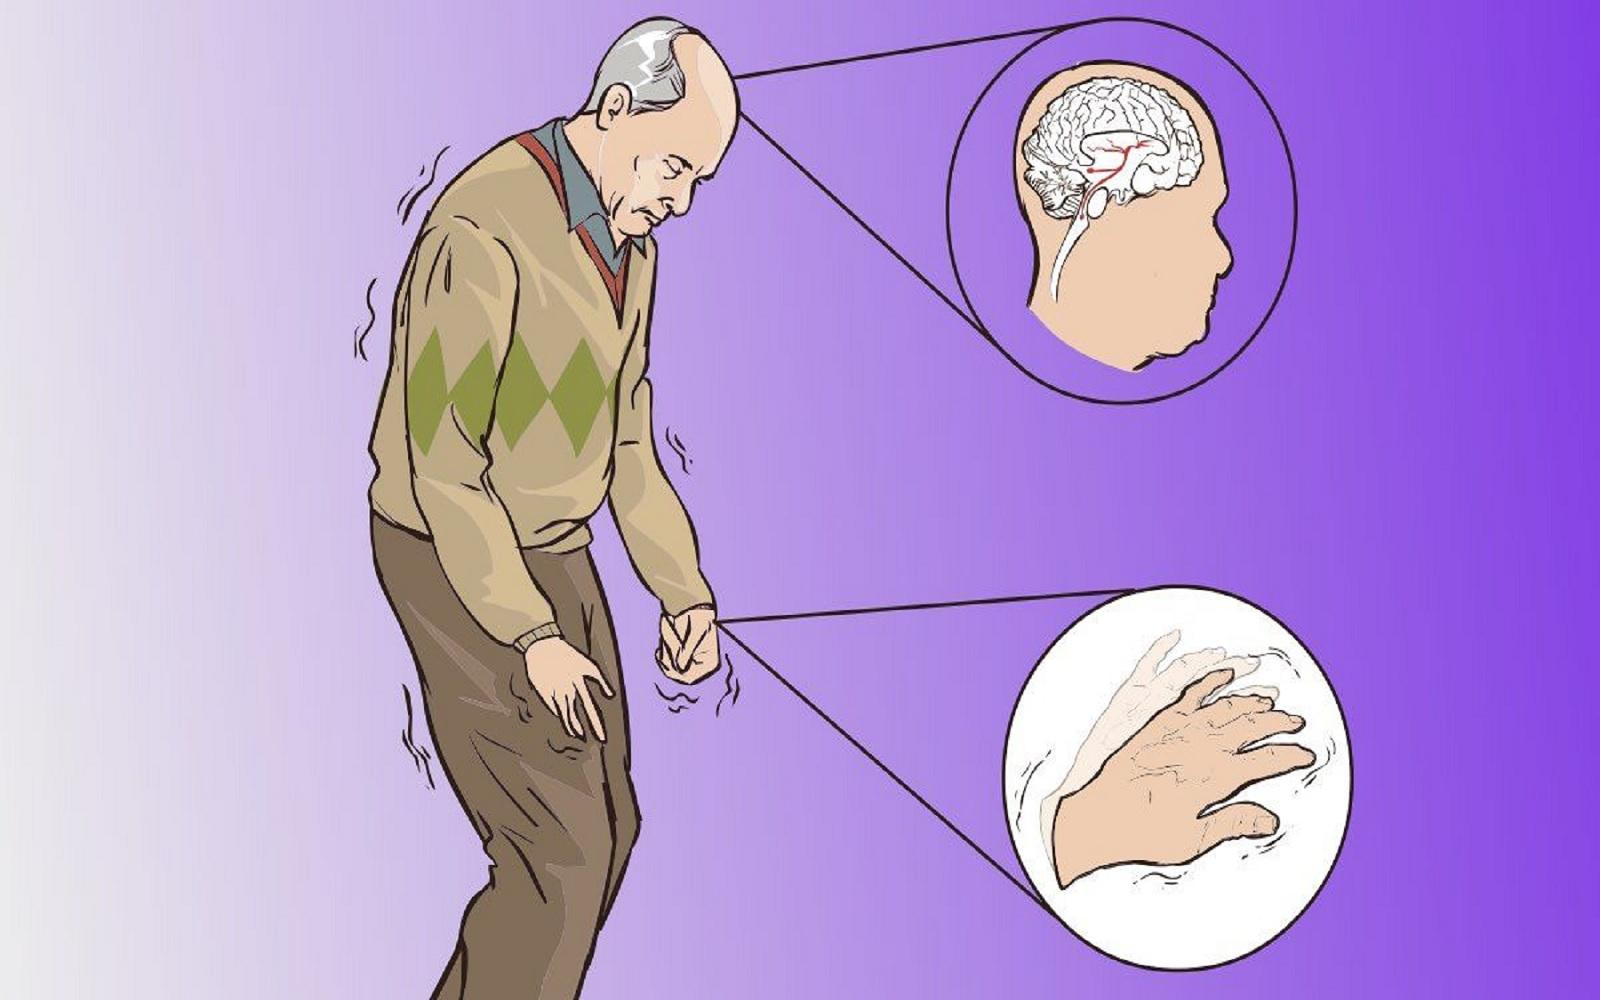 Νευροεκφυλιστική διαταραχή: Θεραπευτική πρόοδος σε μία δύσκολη ασθένεια